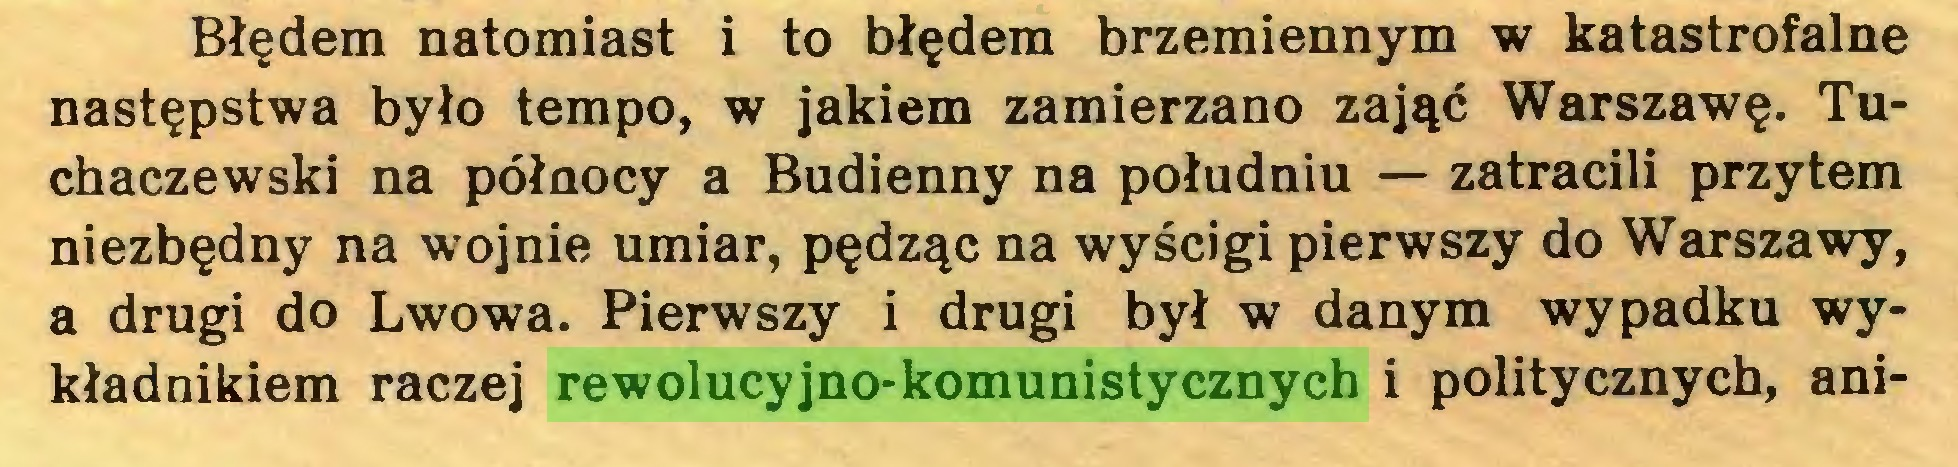 (...) Błędem natomiast i to błędem brzemiennym w katastrofalne następstwa było tempo, w jakiem zamierzano zająć Warszawę. Tuchaczewski na północy a Budienny na południu — zatracili przytem niezbędny na wojnie umiar, pędząc na wyścigi pierwszy do Warszawy, a drugi do Lwowa. Pierwszy i drugi był w danym wypadku wykładnikiem raczej rewolucyjno-komunistycznych i politycznych, ani...